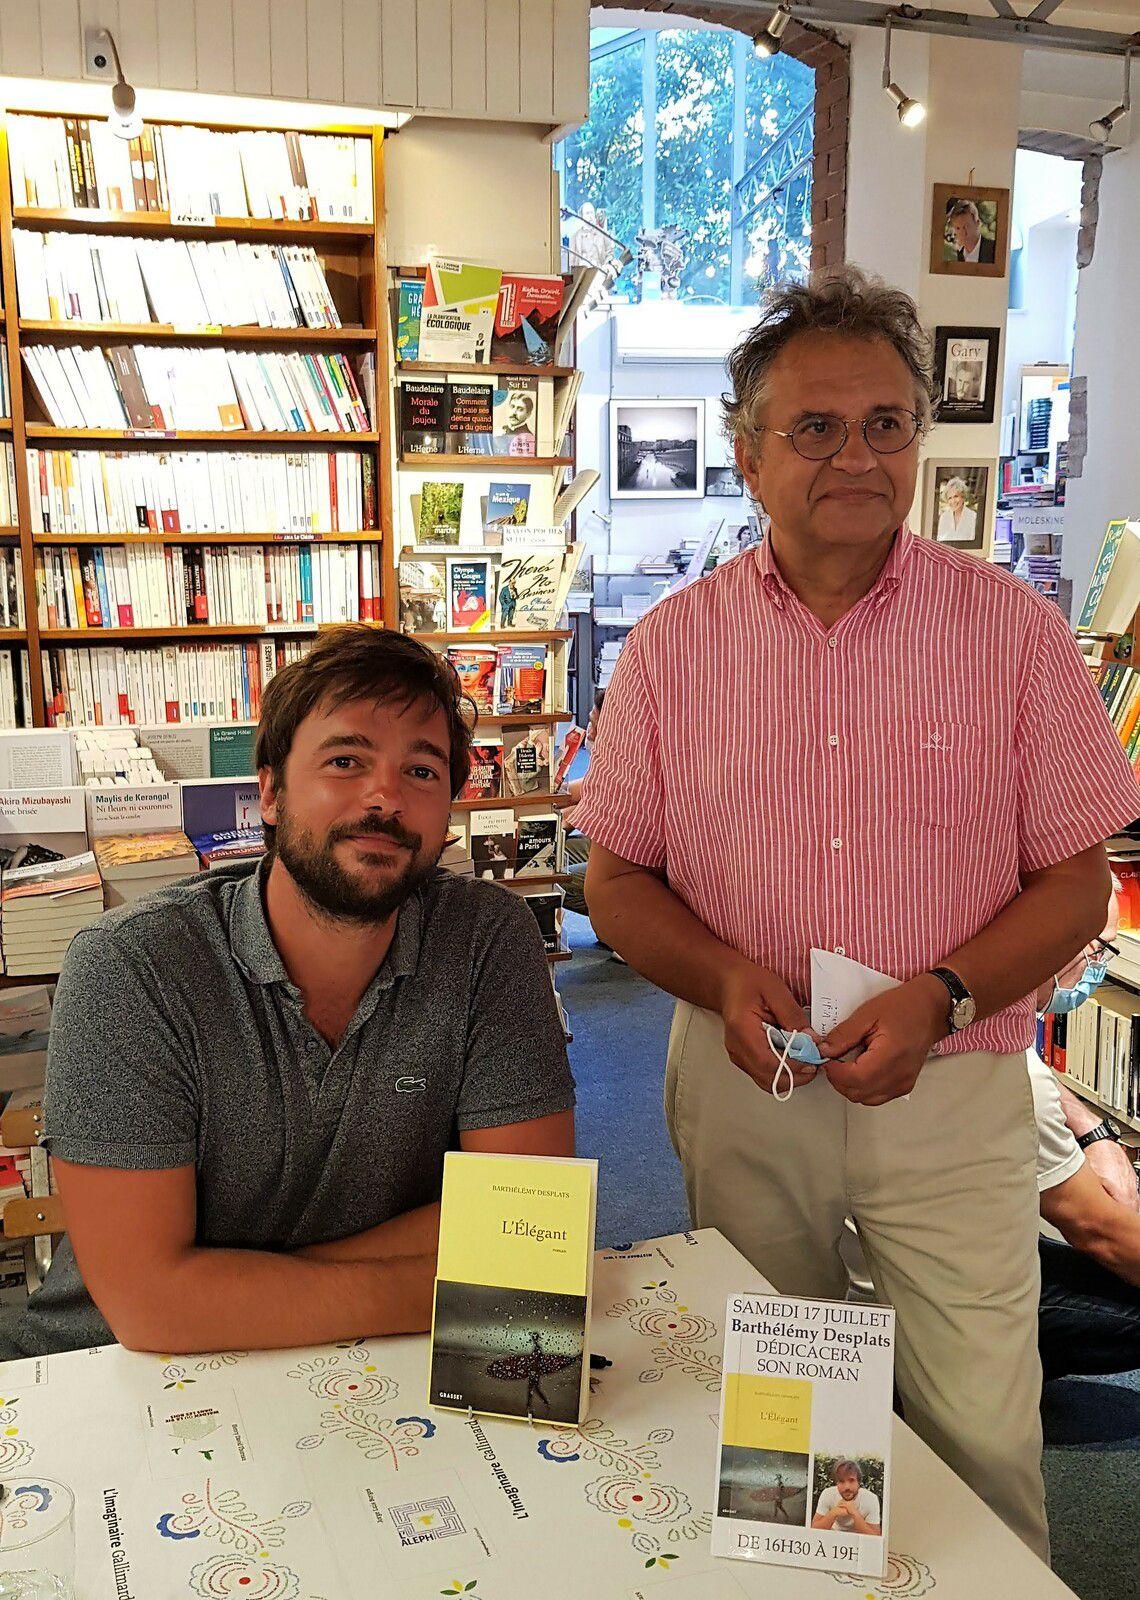 Samedi 17 Juillet - Librairie Les nouvelles Impressions avec Thierry de la Fournière